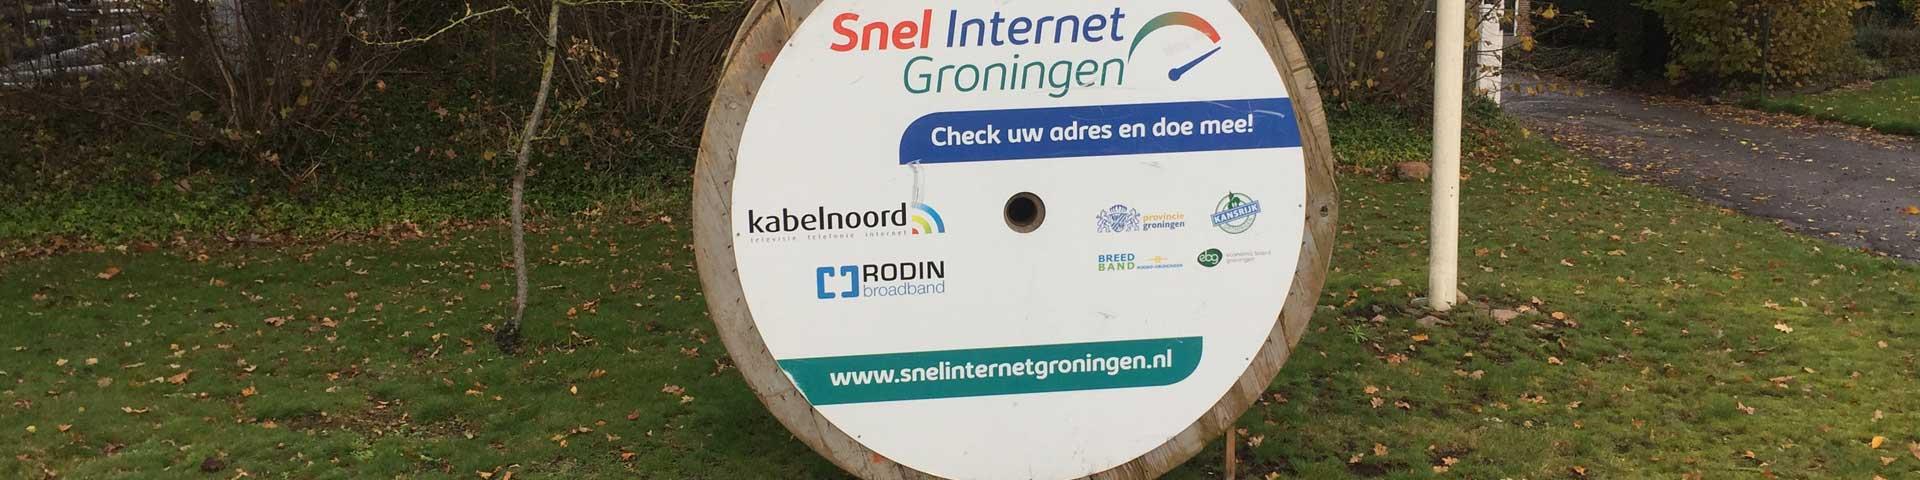 snel internet Groningen